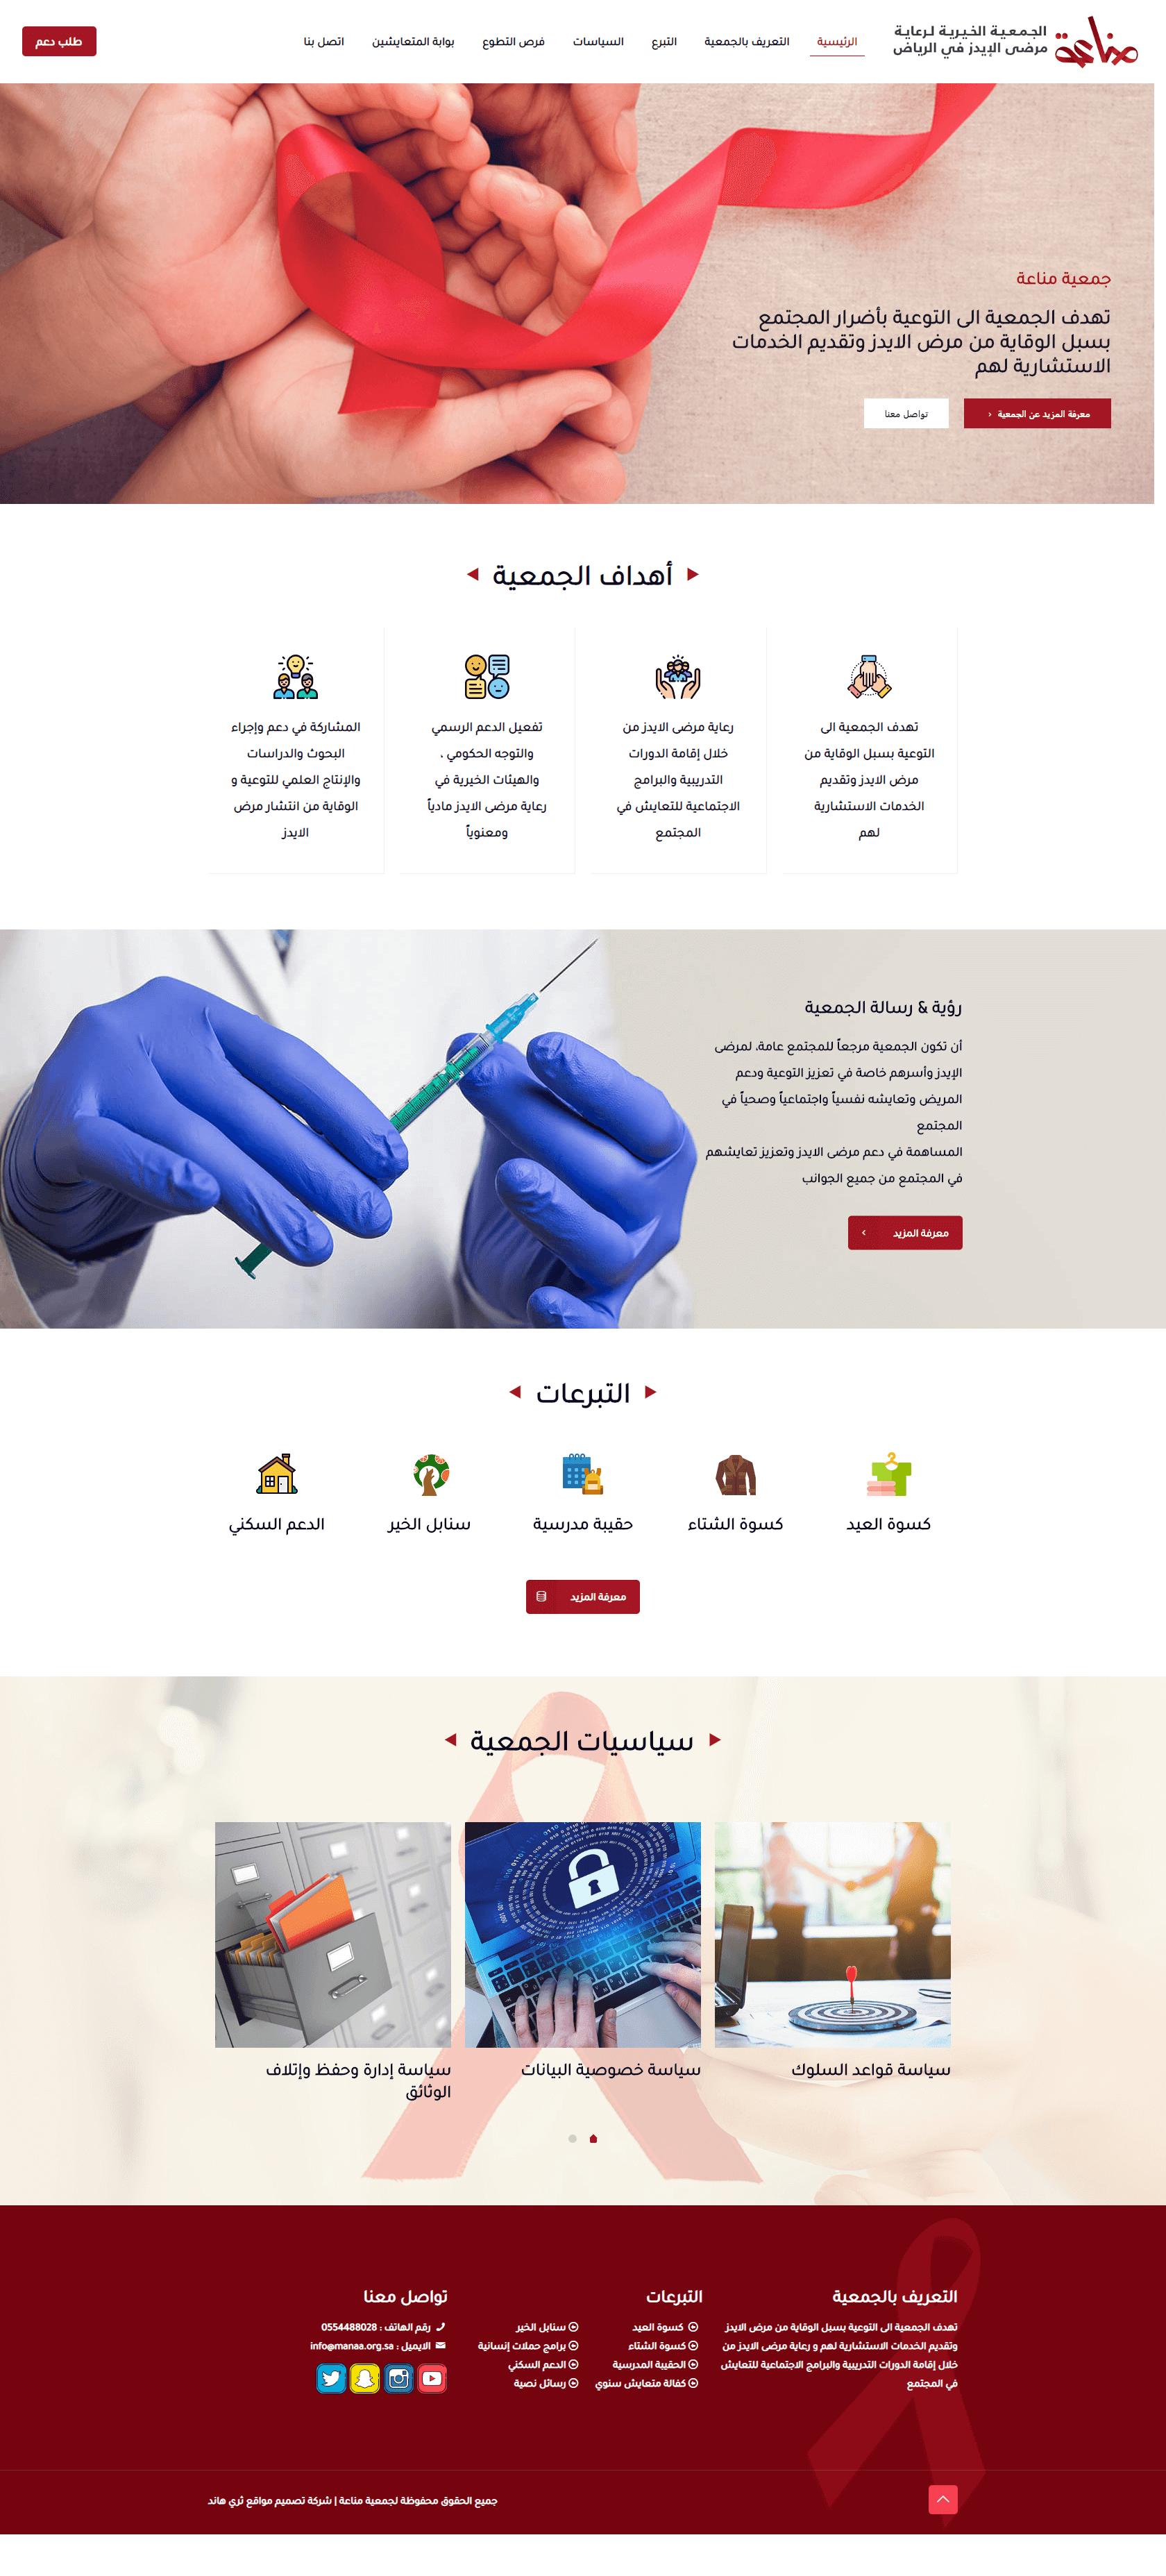 جمعية مناعة – الجمعية الخيرية للوقاية من مرض الإيدز فى الرياض (2) (1)